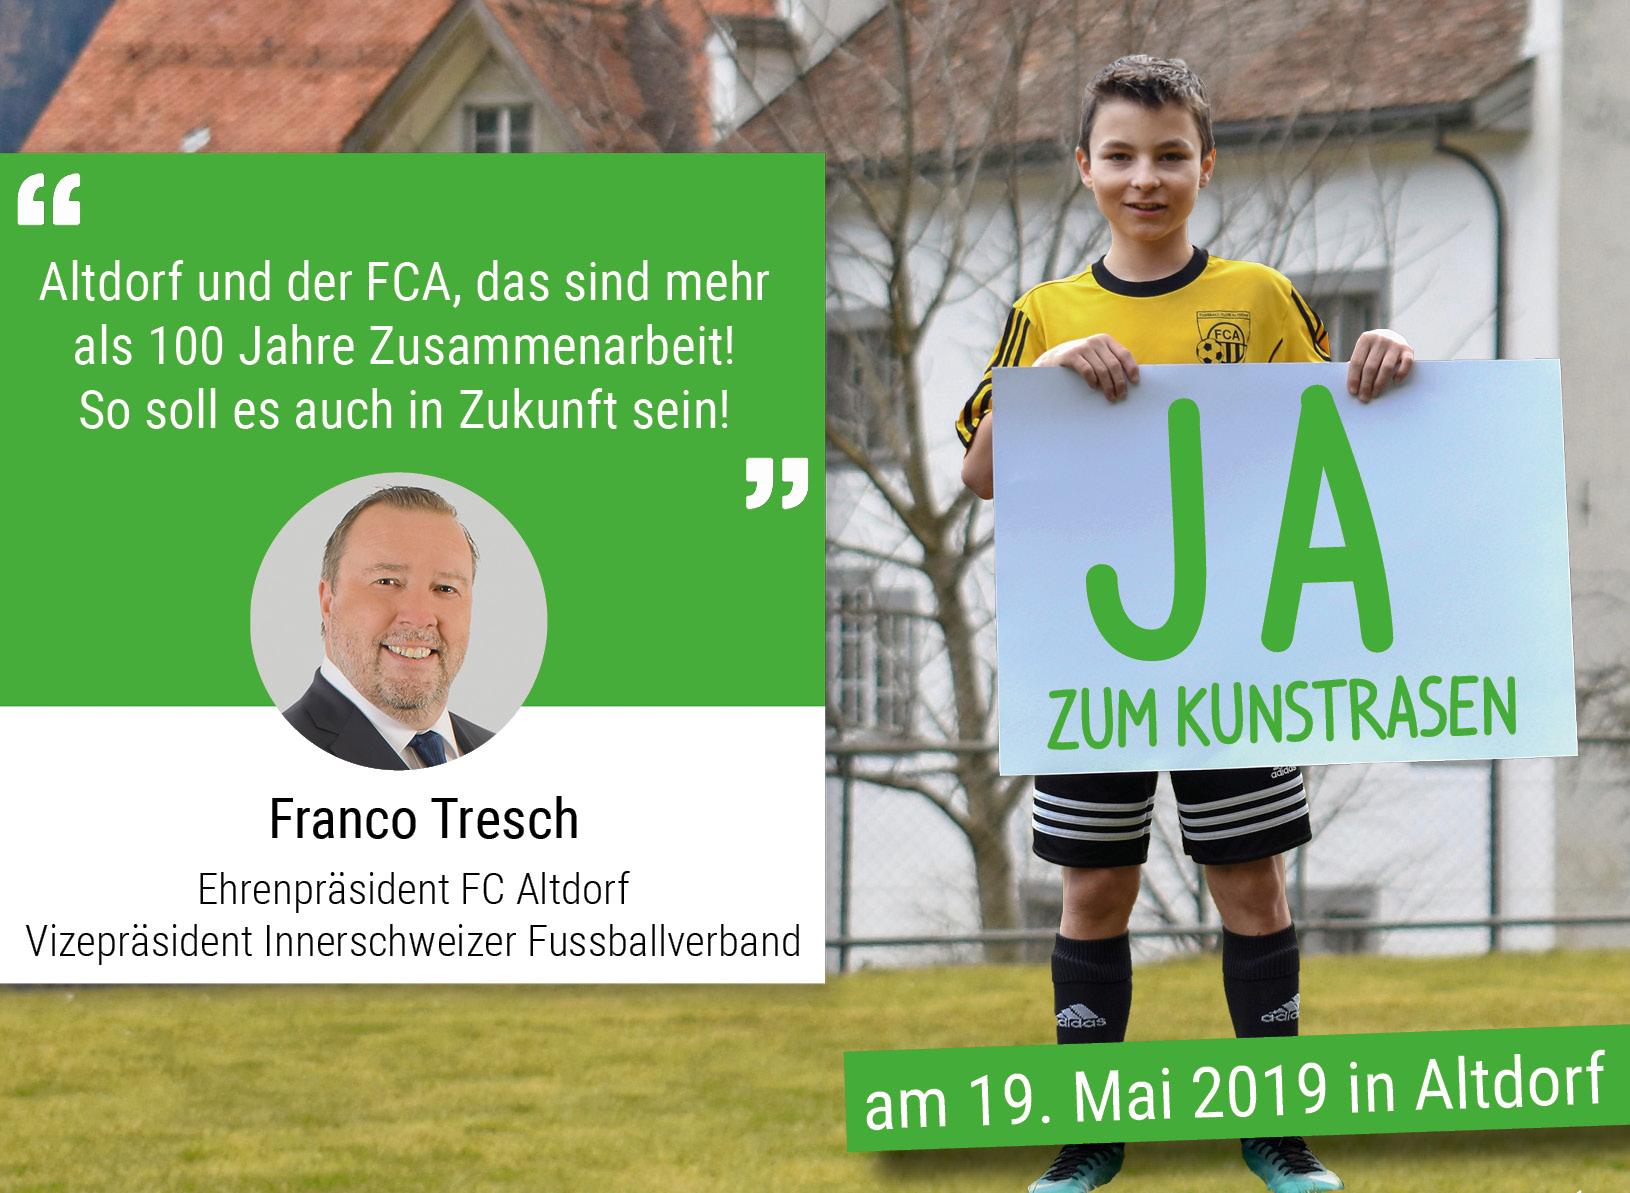 Franco Tresch